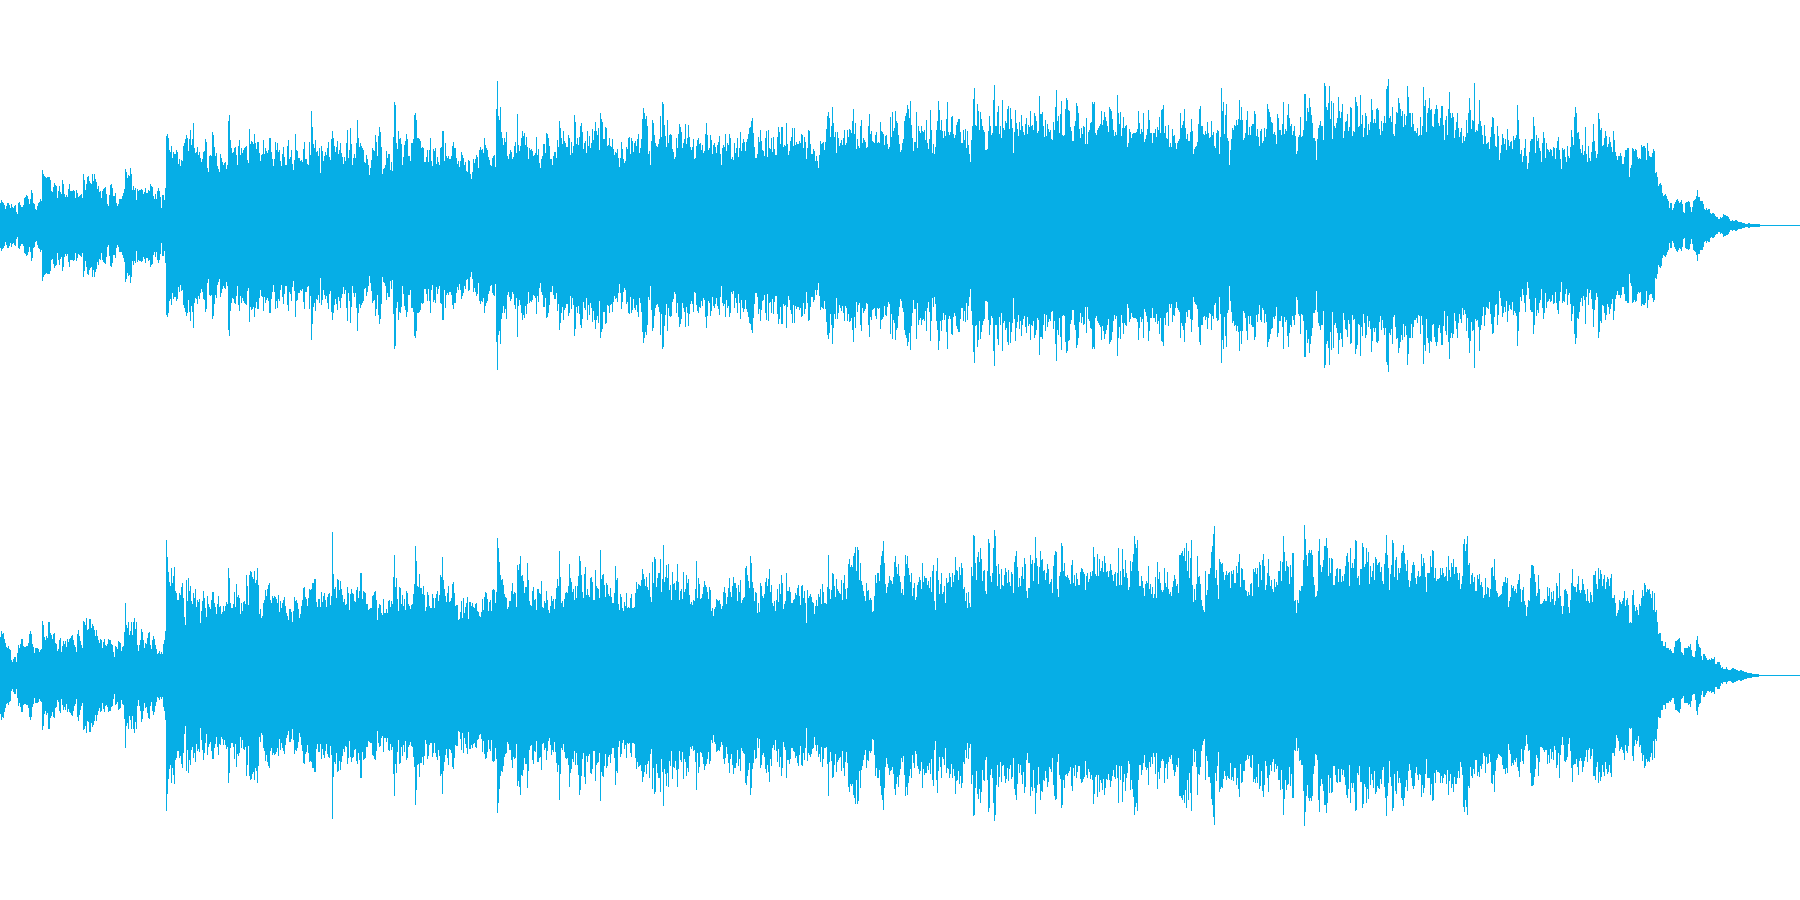 ハープによる幻想的で優美なBGMの再生済みの波形